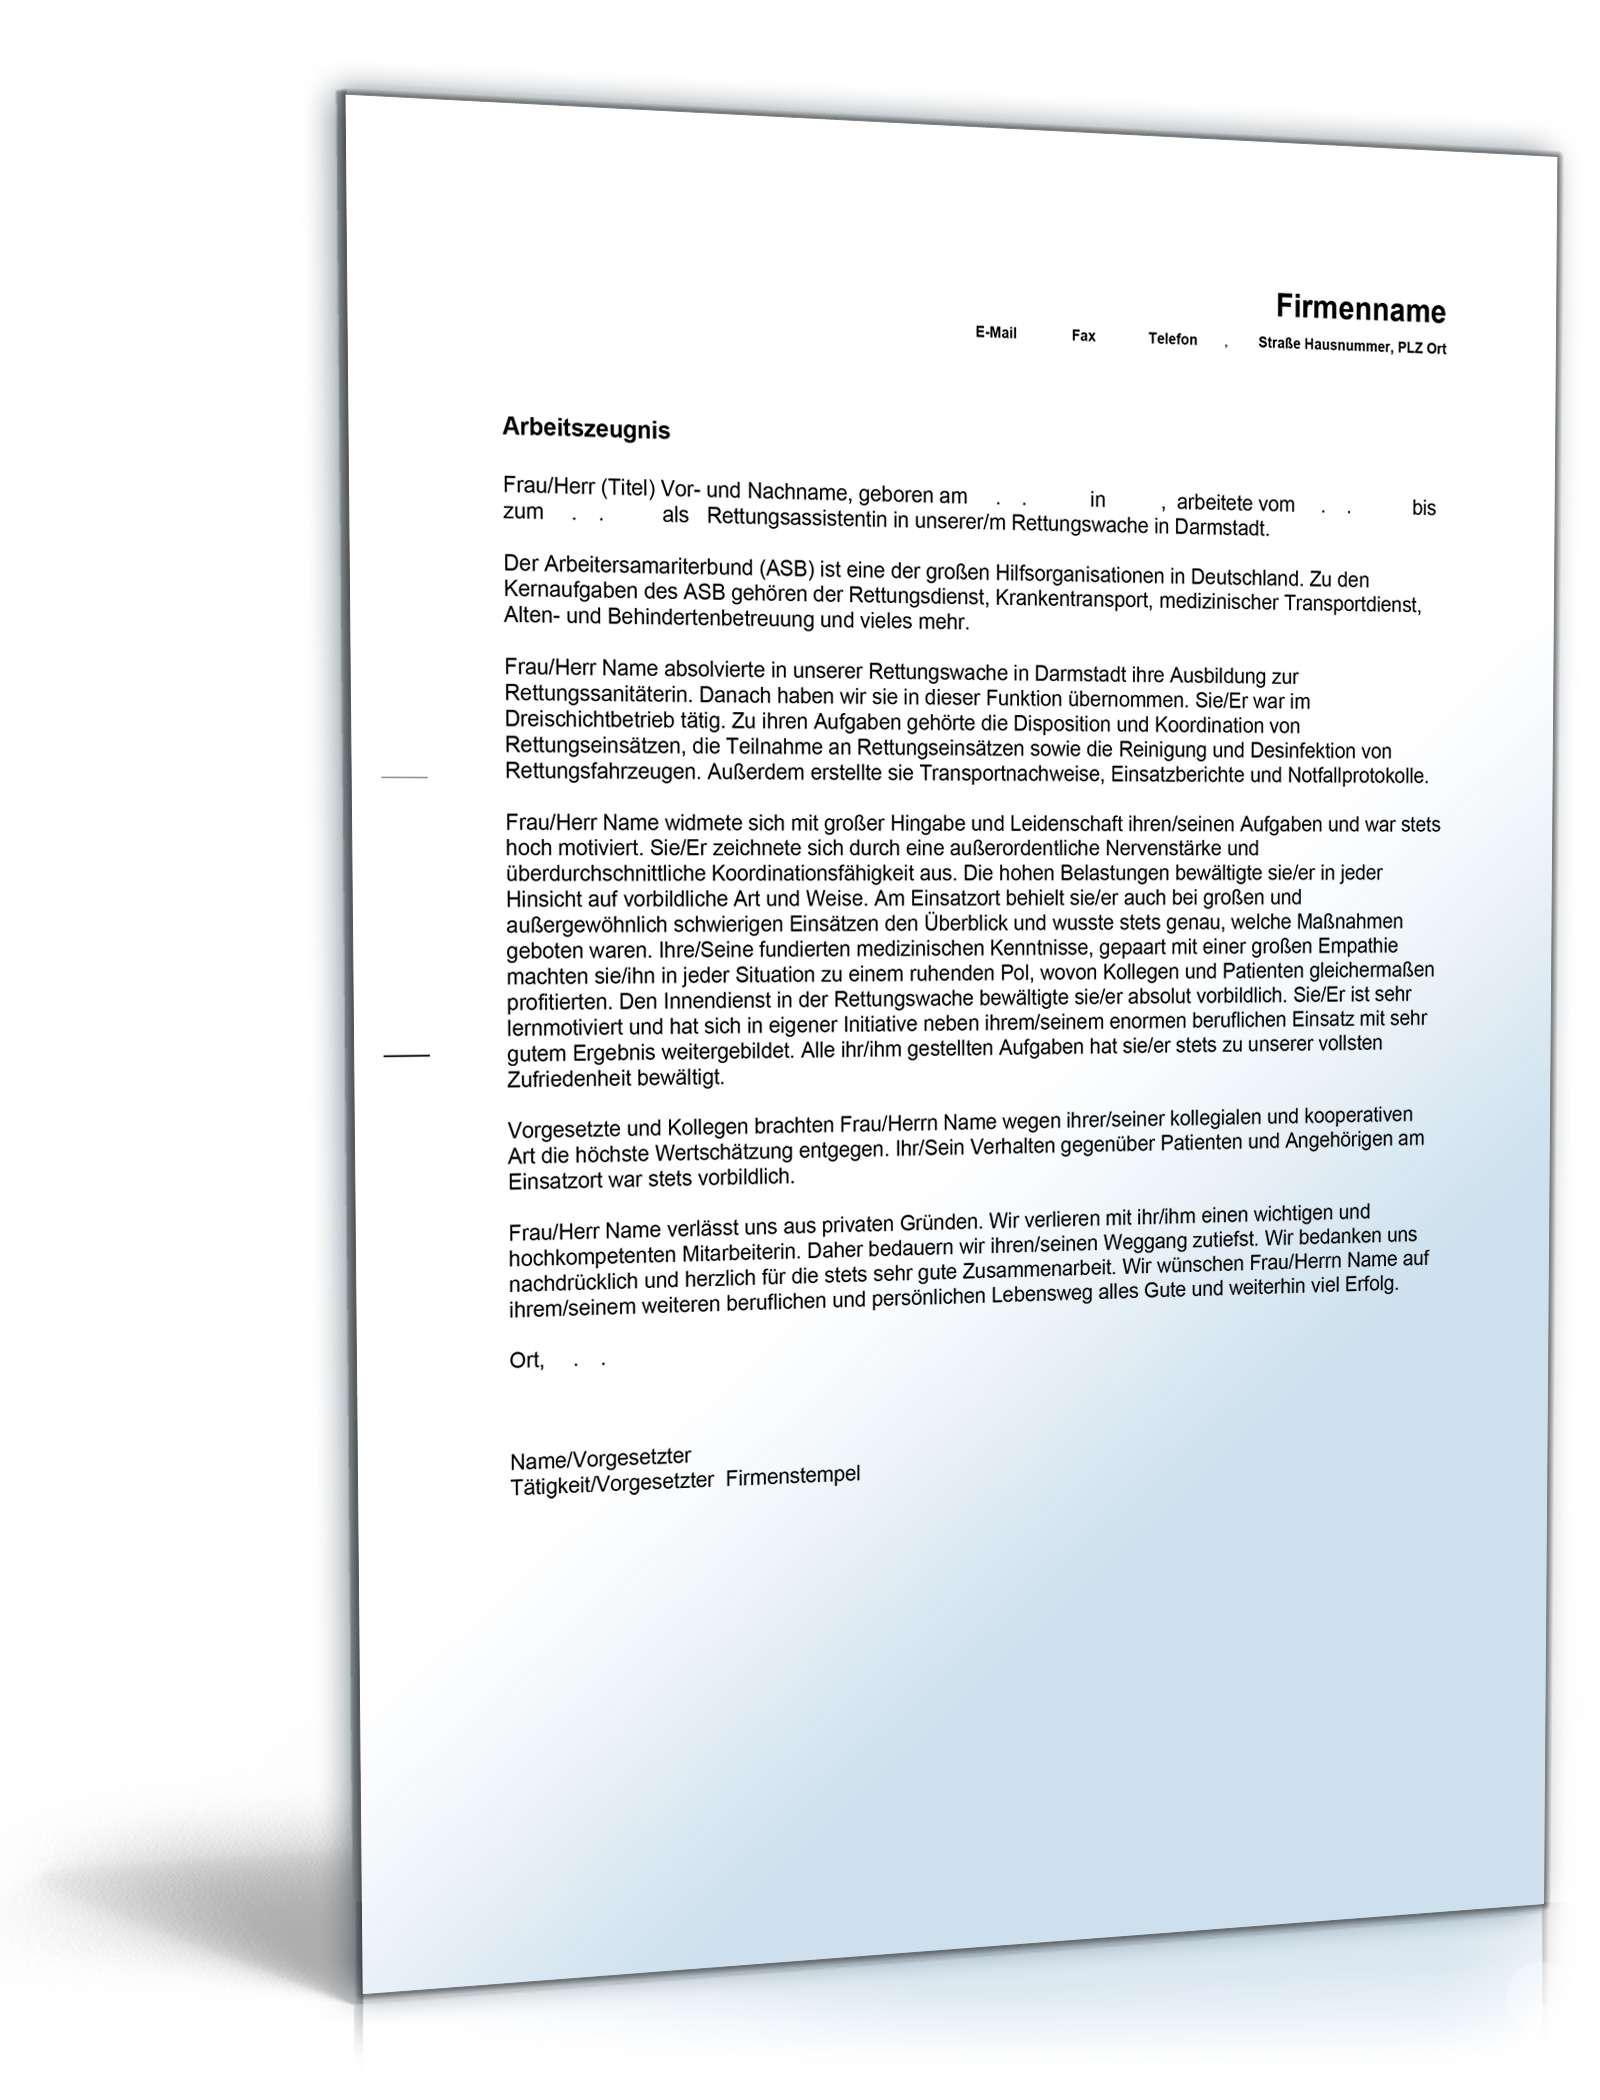 Ausgezeichnet Rettungssanitäter Lebenslauf Vorlagen Kostenlos Bilder ...